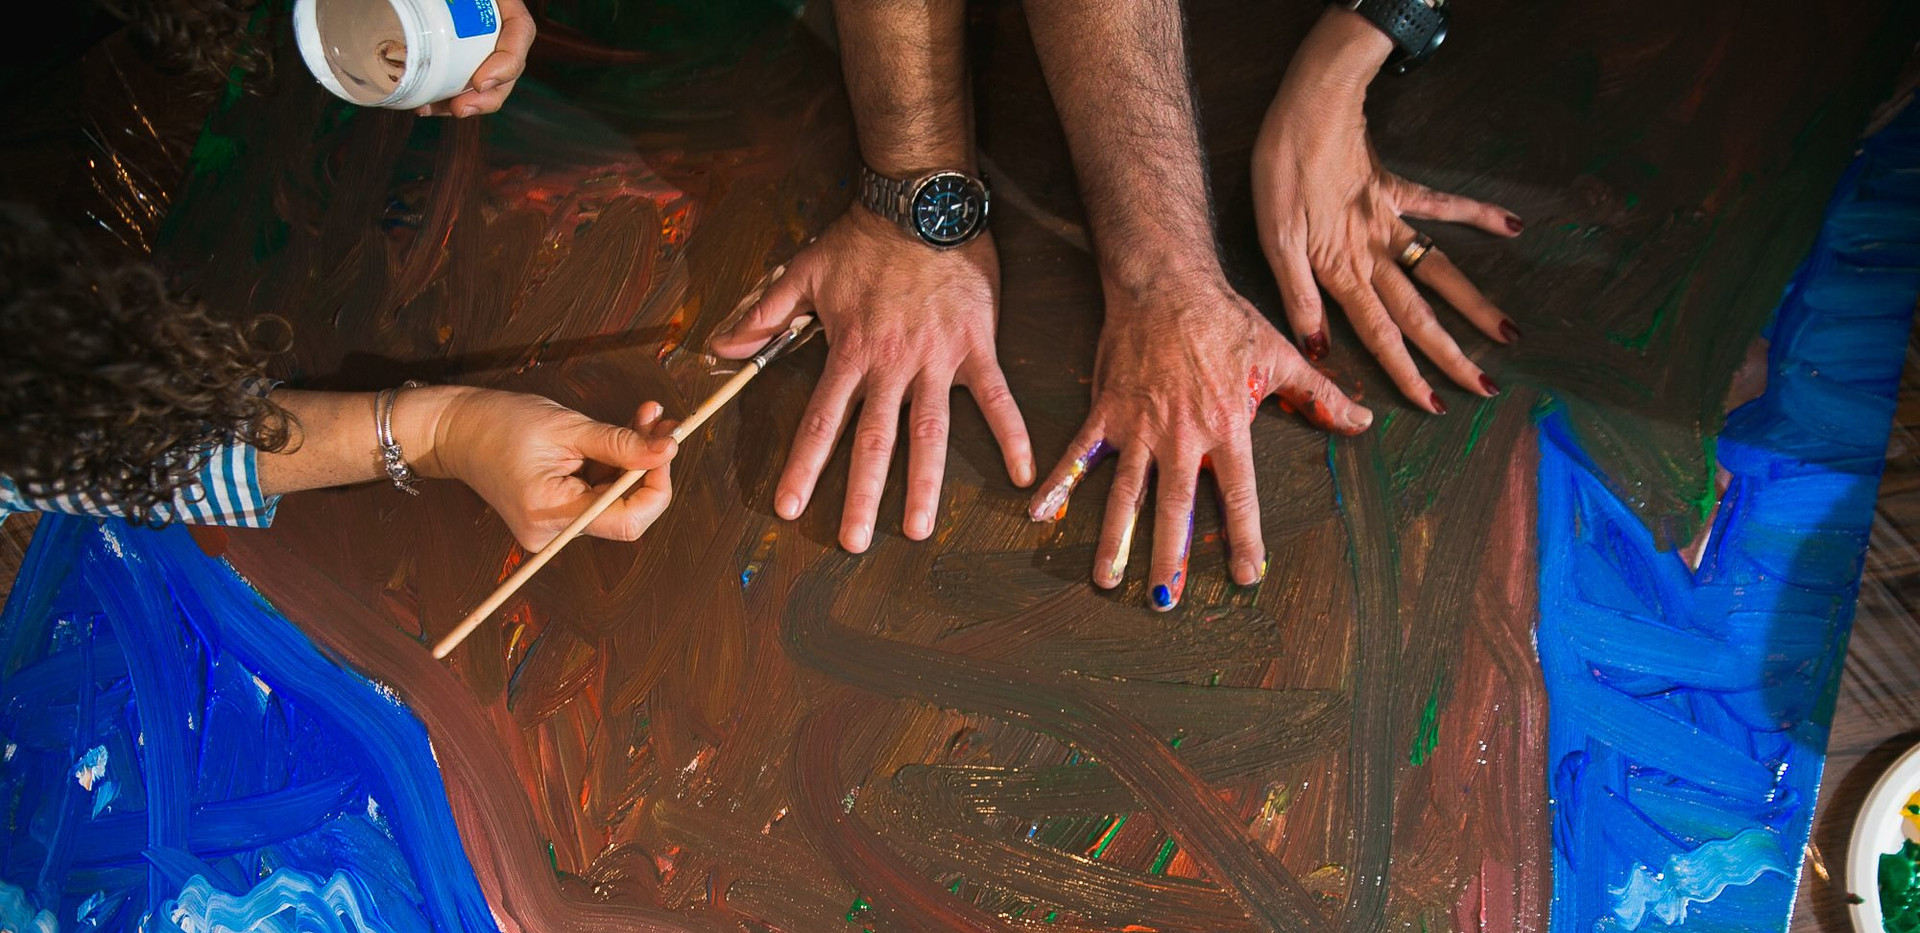 ציור שיתופי סדנה לארגונים